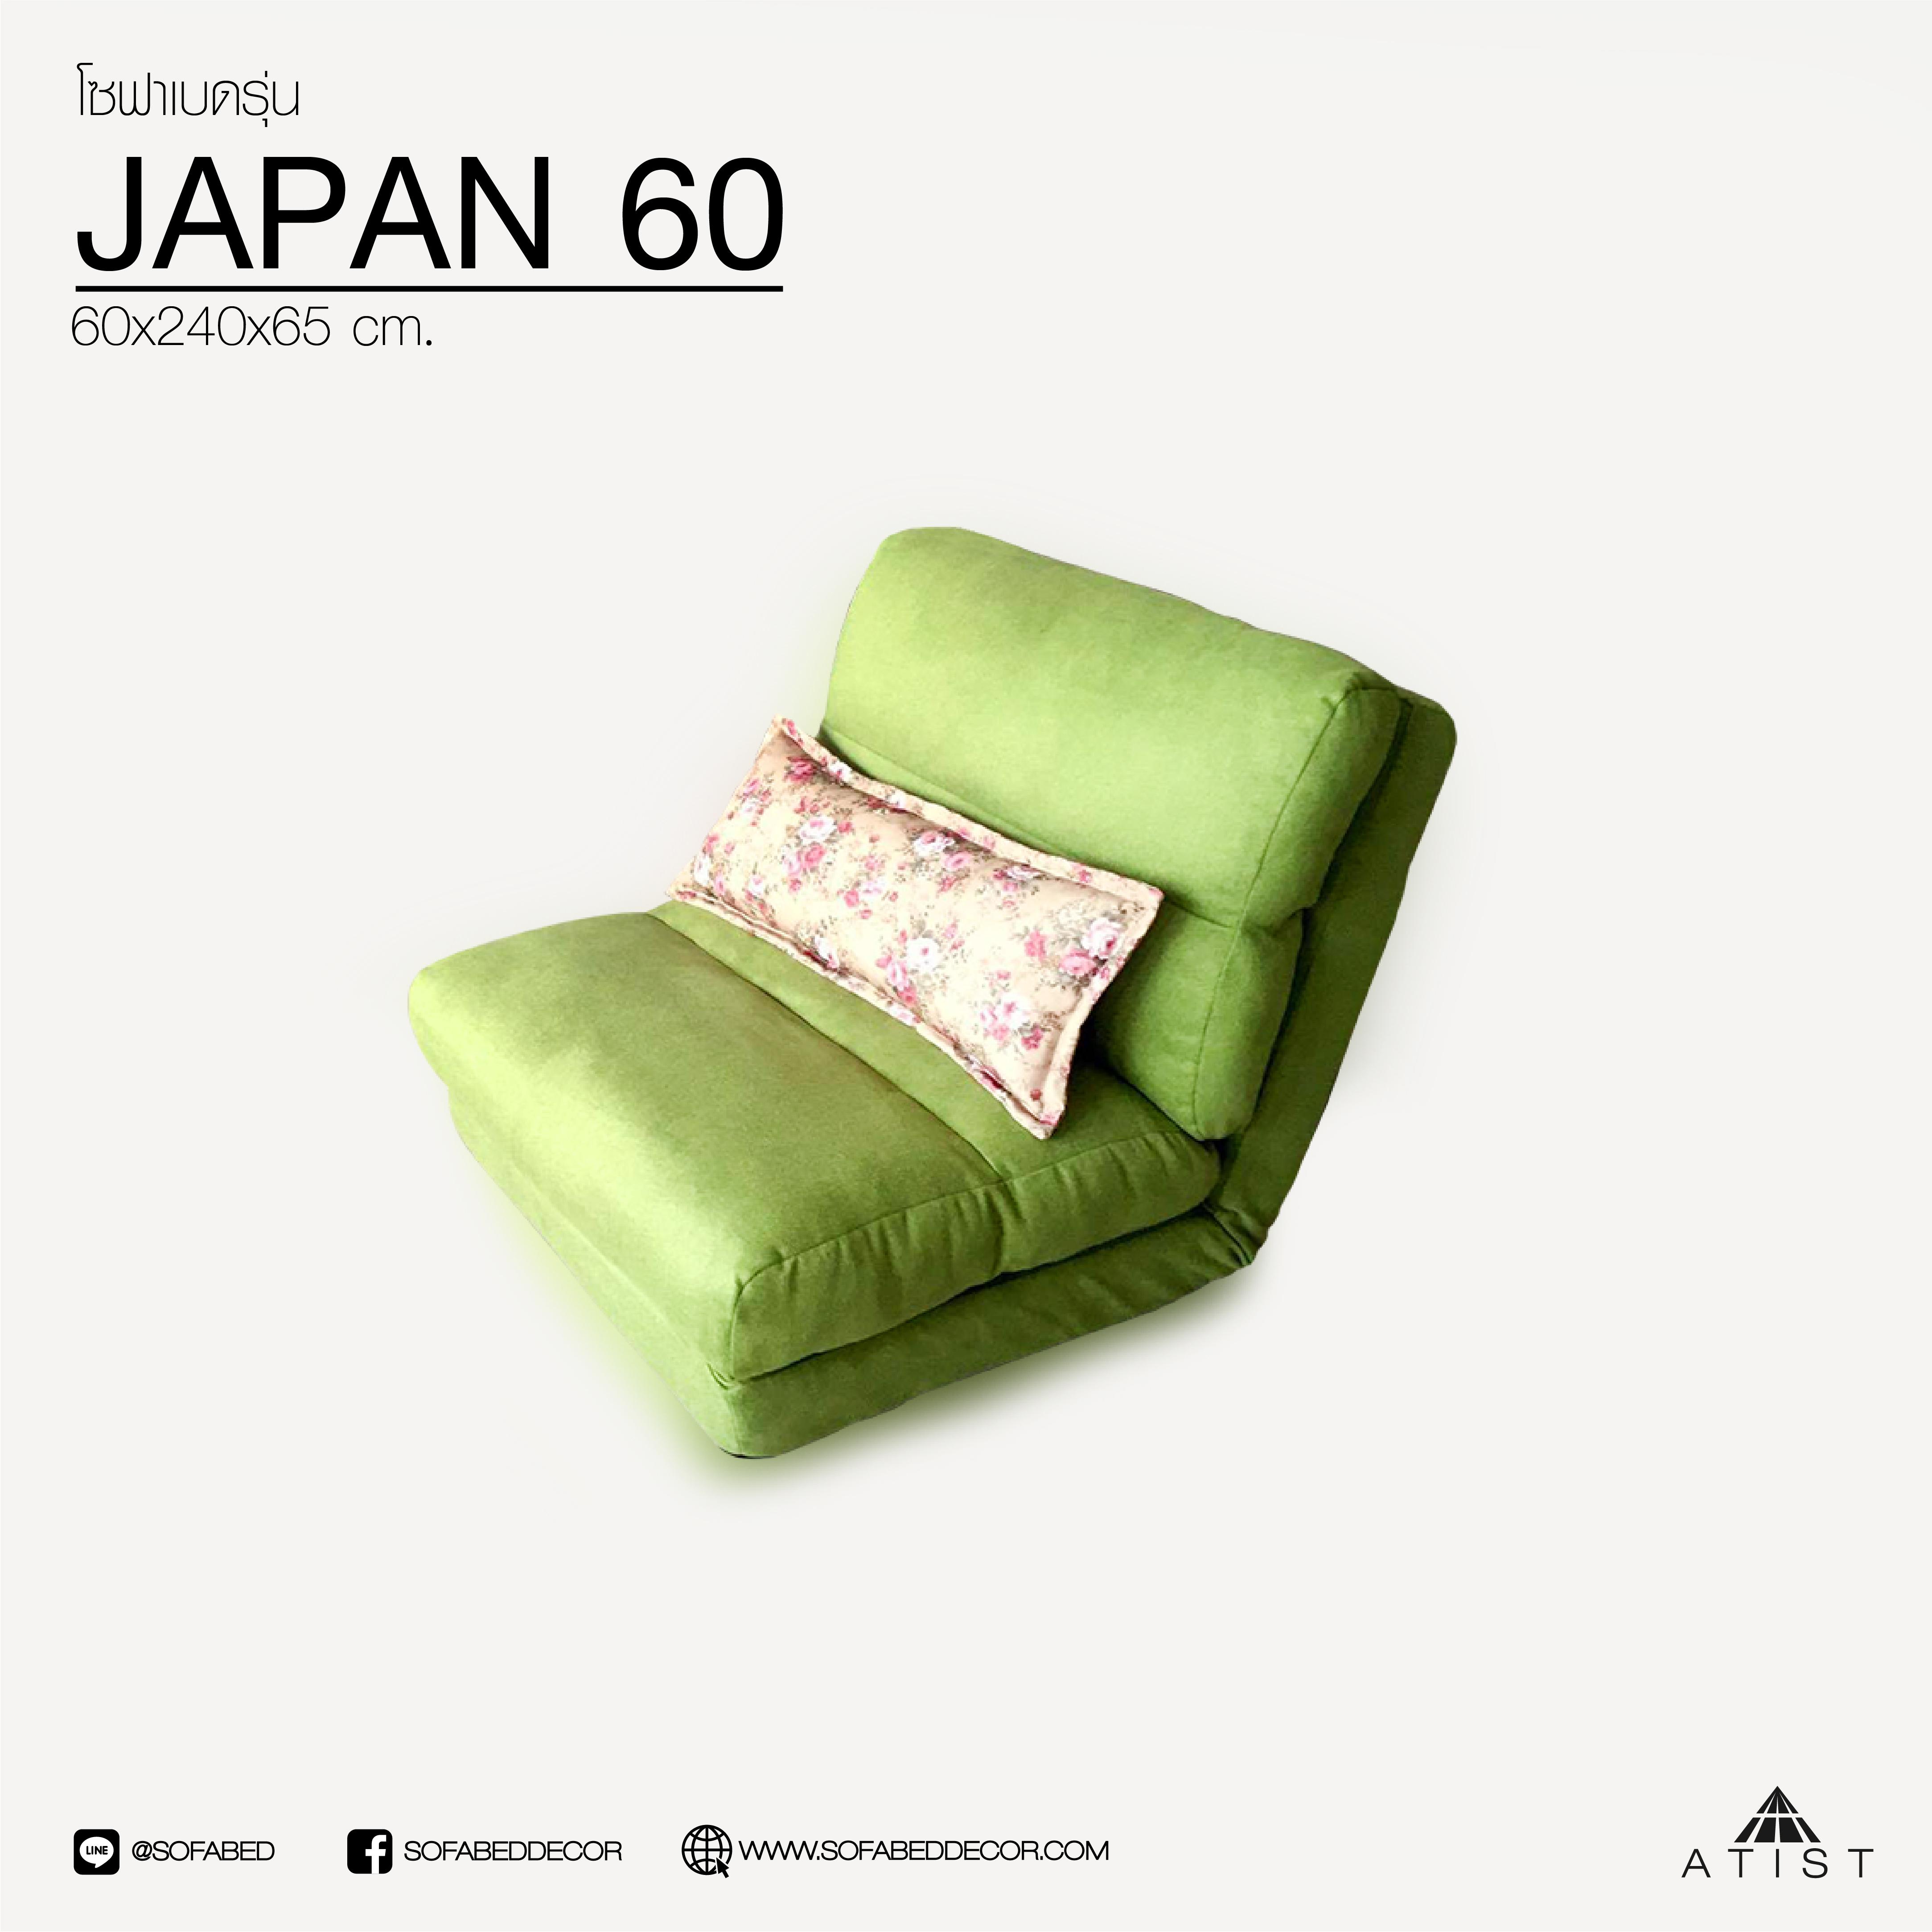 โซฟาเบด รุ่น JAPAN 60 cm